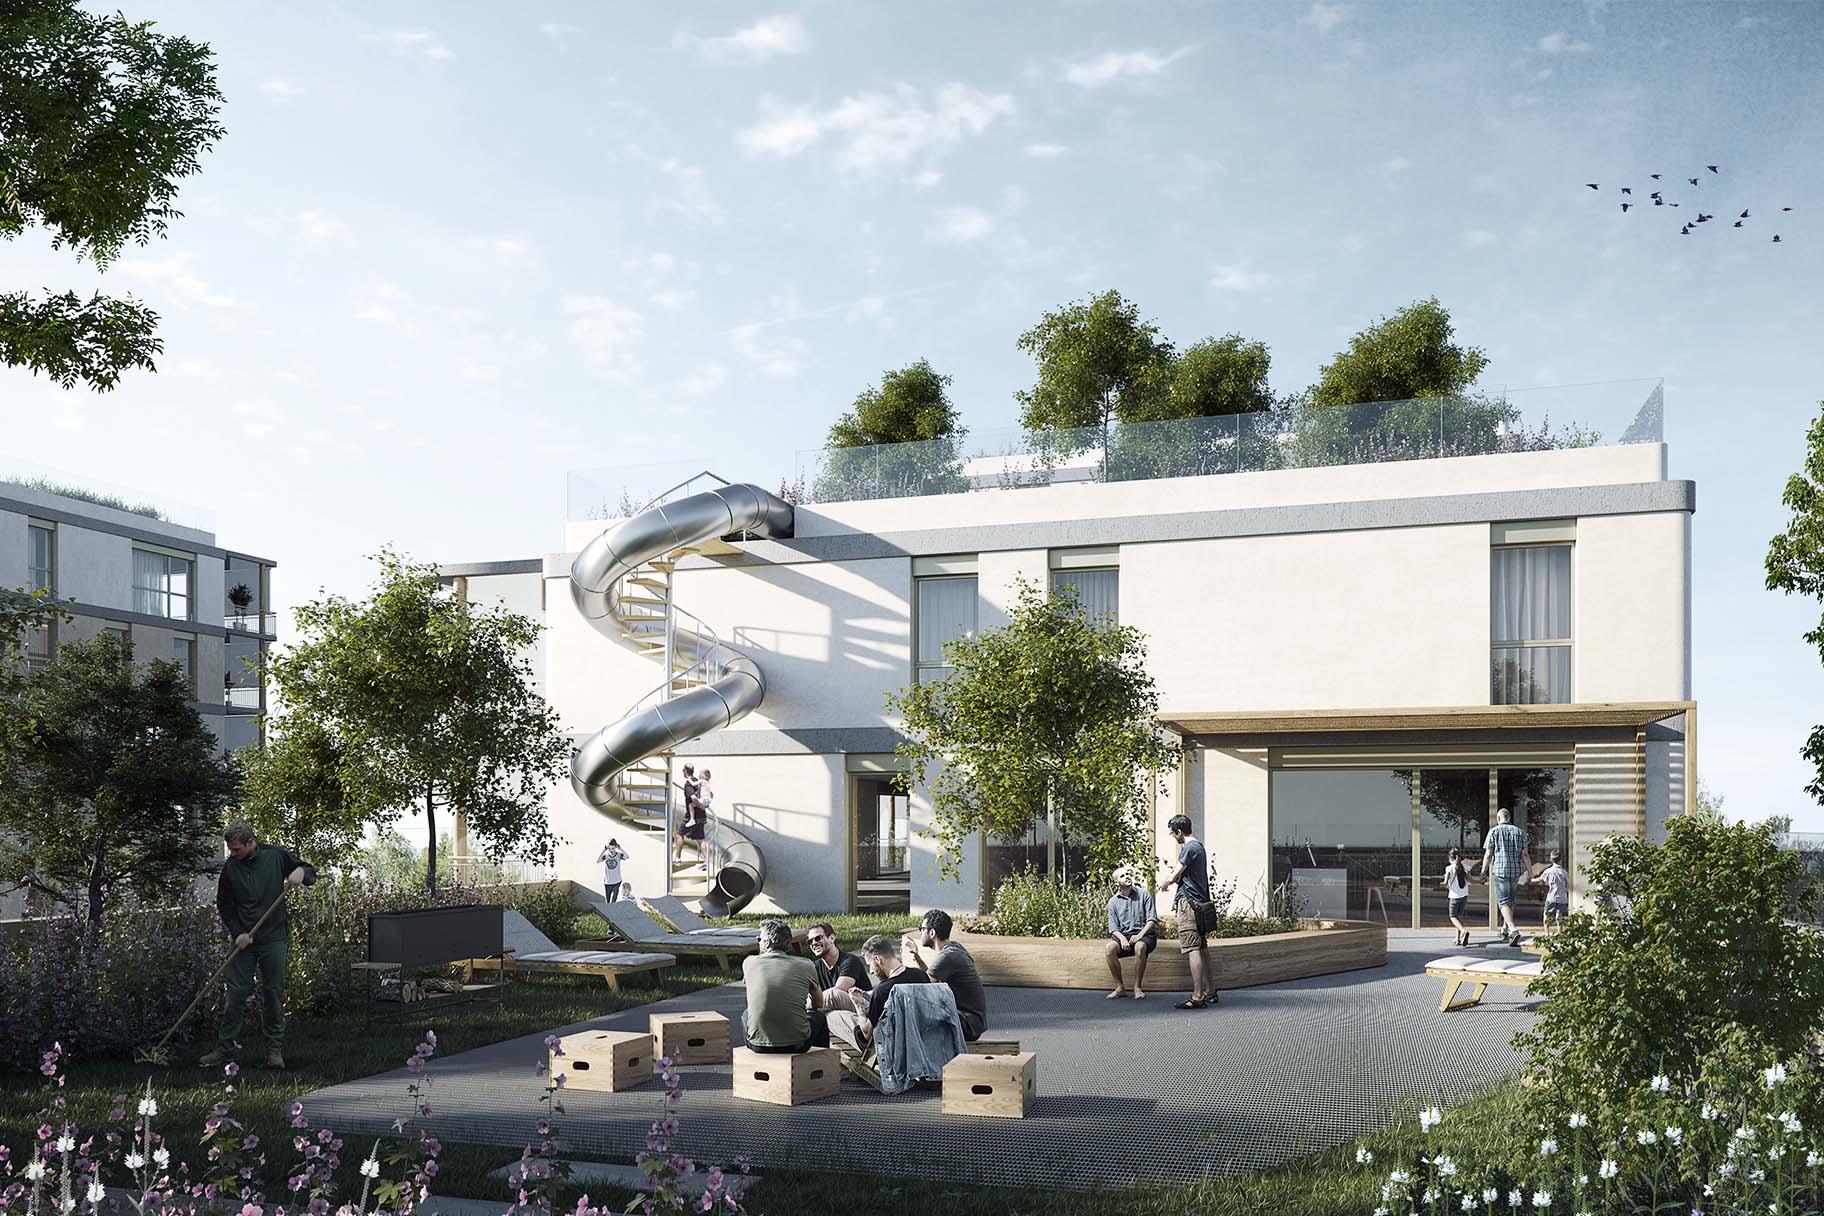 Toitures terrasses végétalisées pour le projet lauréat du concours de Chapelle-les-Sciers à Plan-les-Ouates avec tobogan, caillebotis végétalisés et espaces de détente, VIMADE Architecture du paysage.